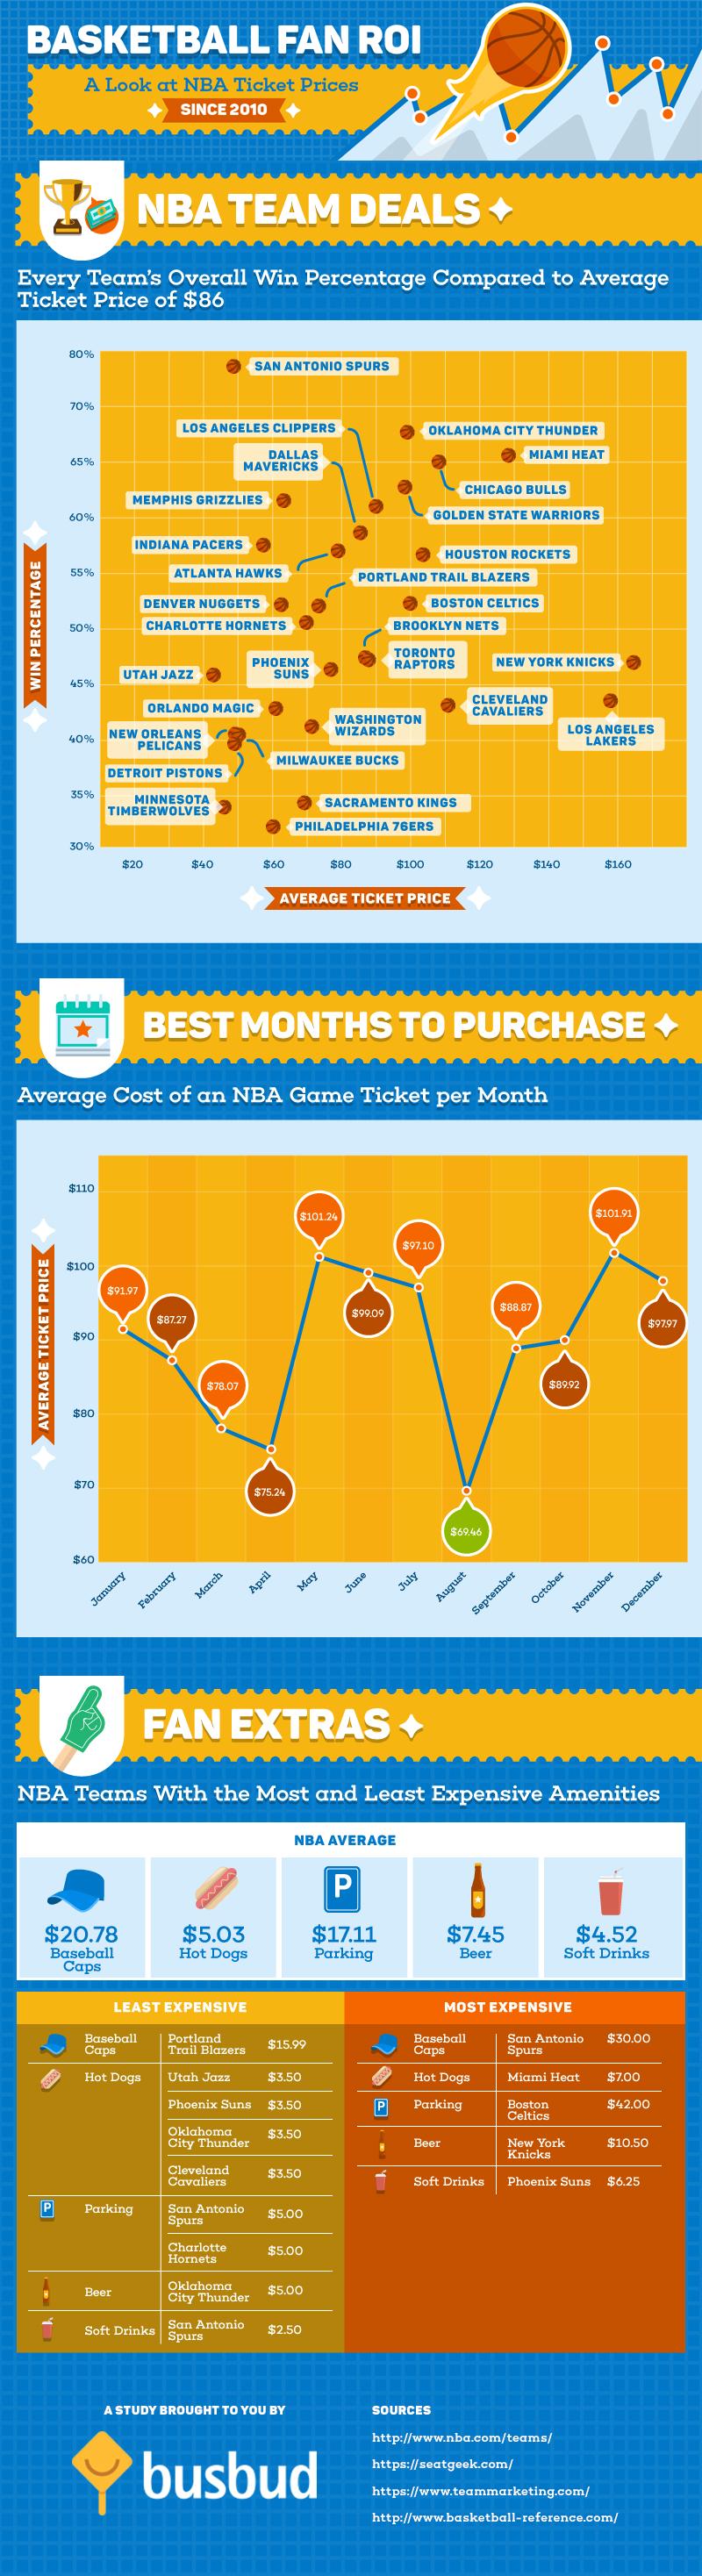 NBA ROI infographic